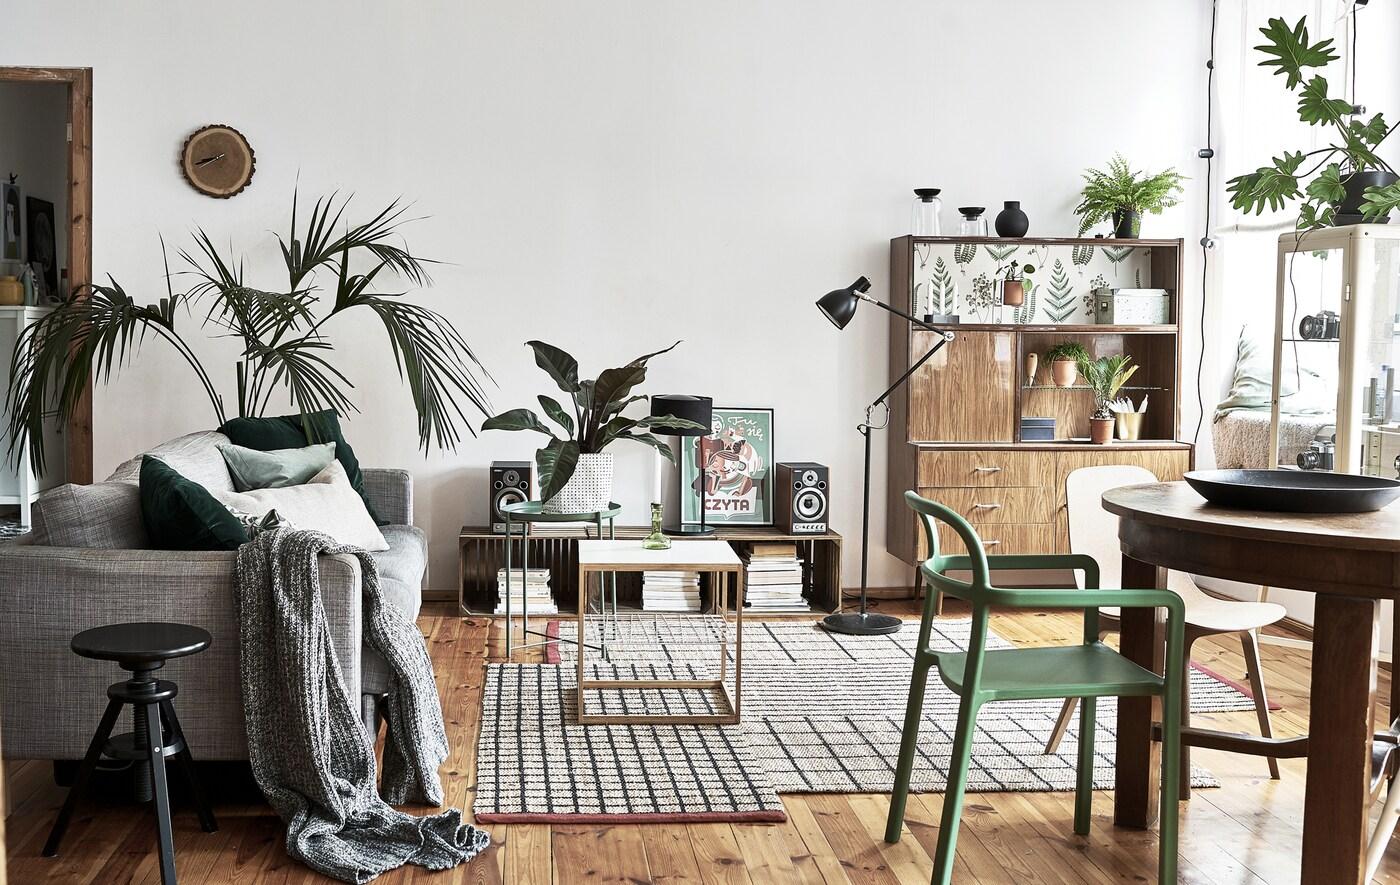 Una sala de planta oberta amb taula, cadires, plantes, un sofà i aparadors.